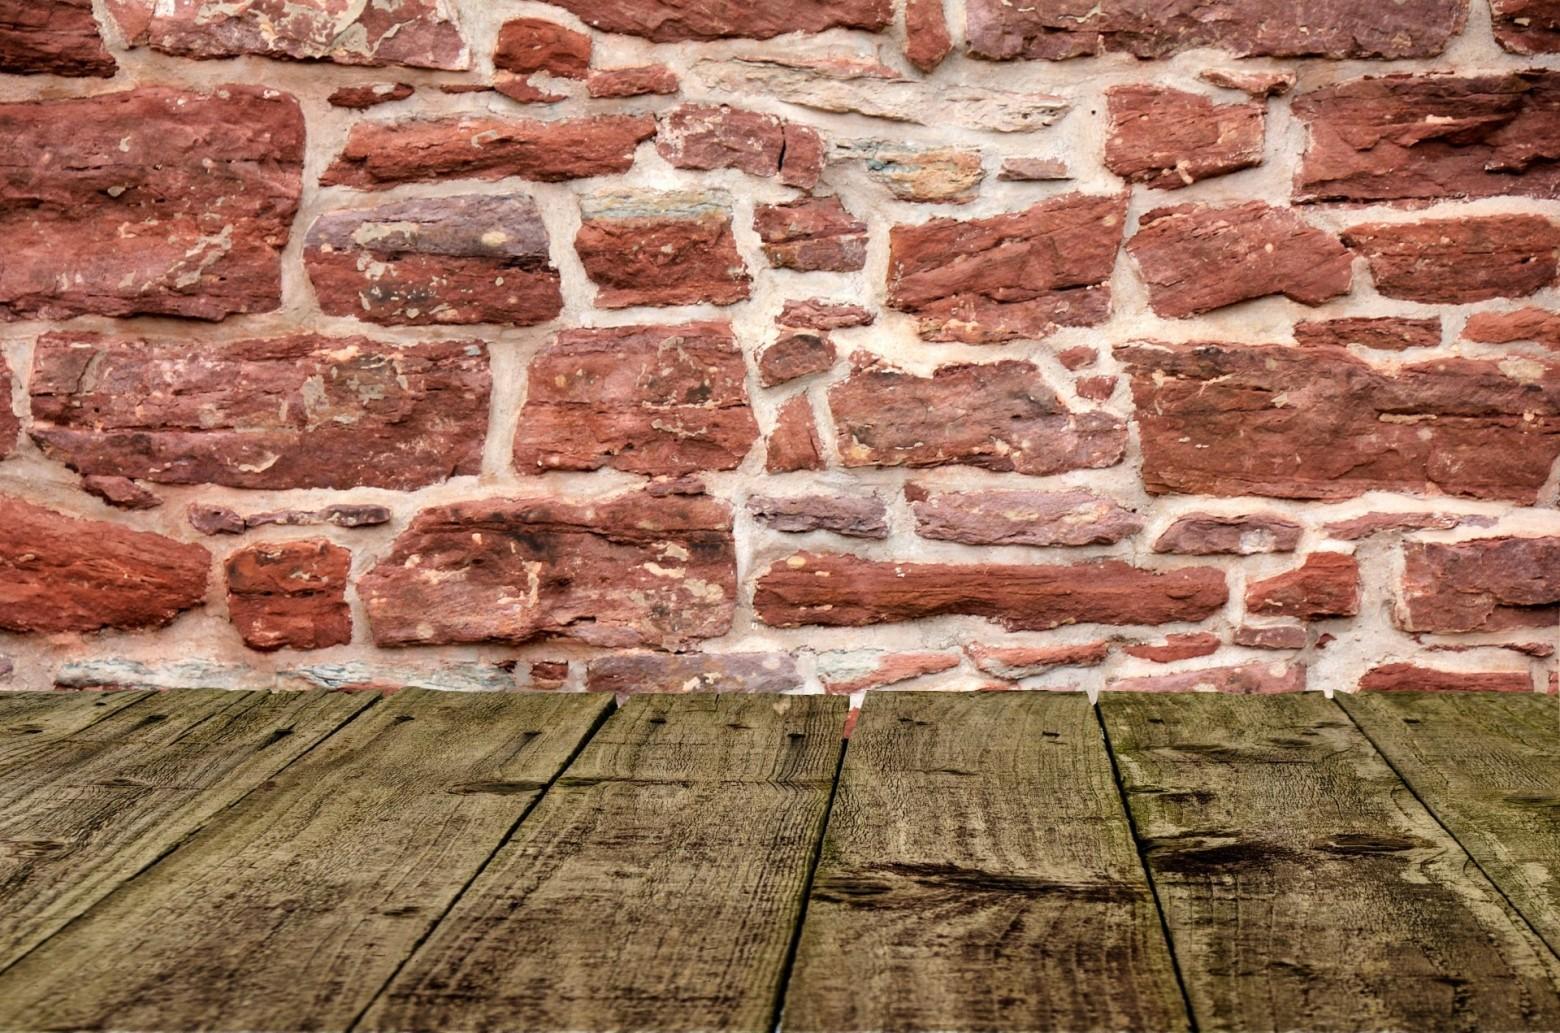 mur de brique rouge images gratuites et libres de droits. Black Bedroom Furniture Sets. Home Design Ideas